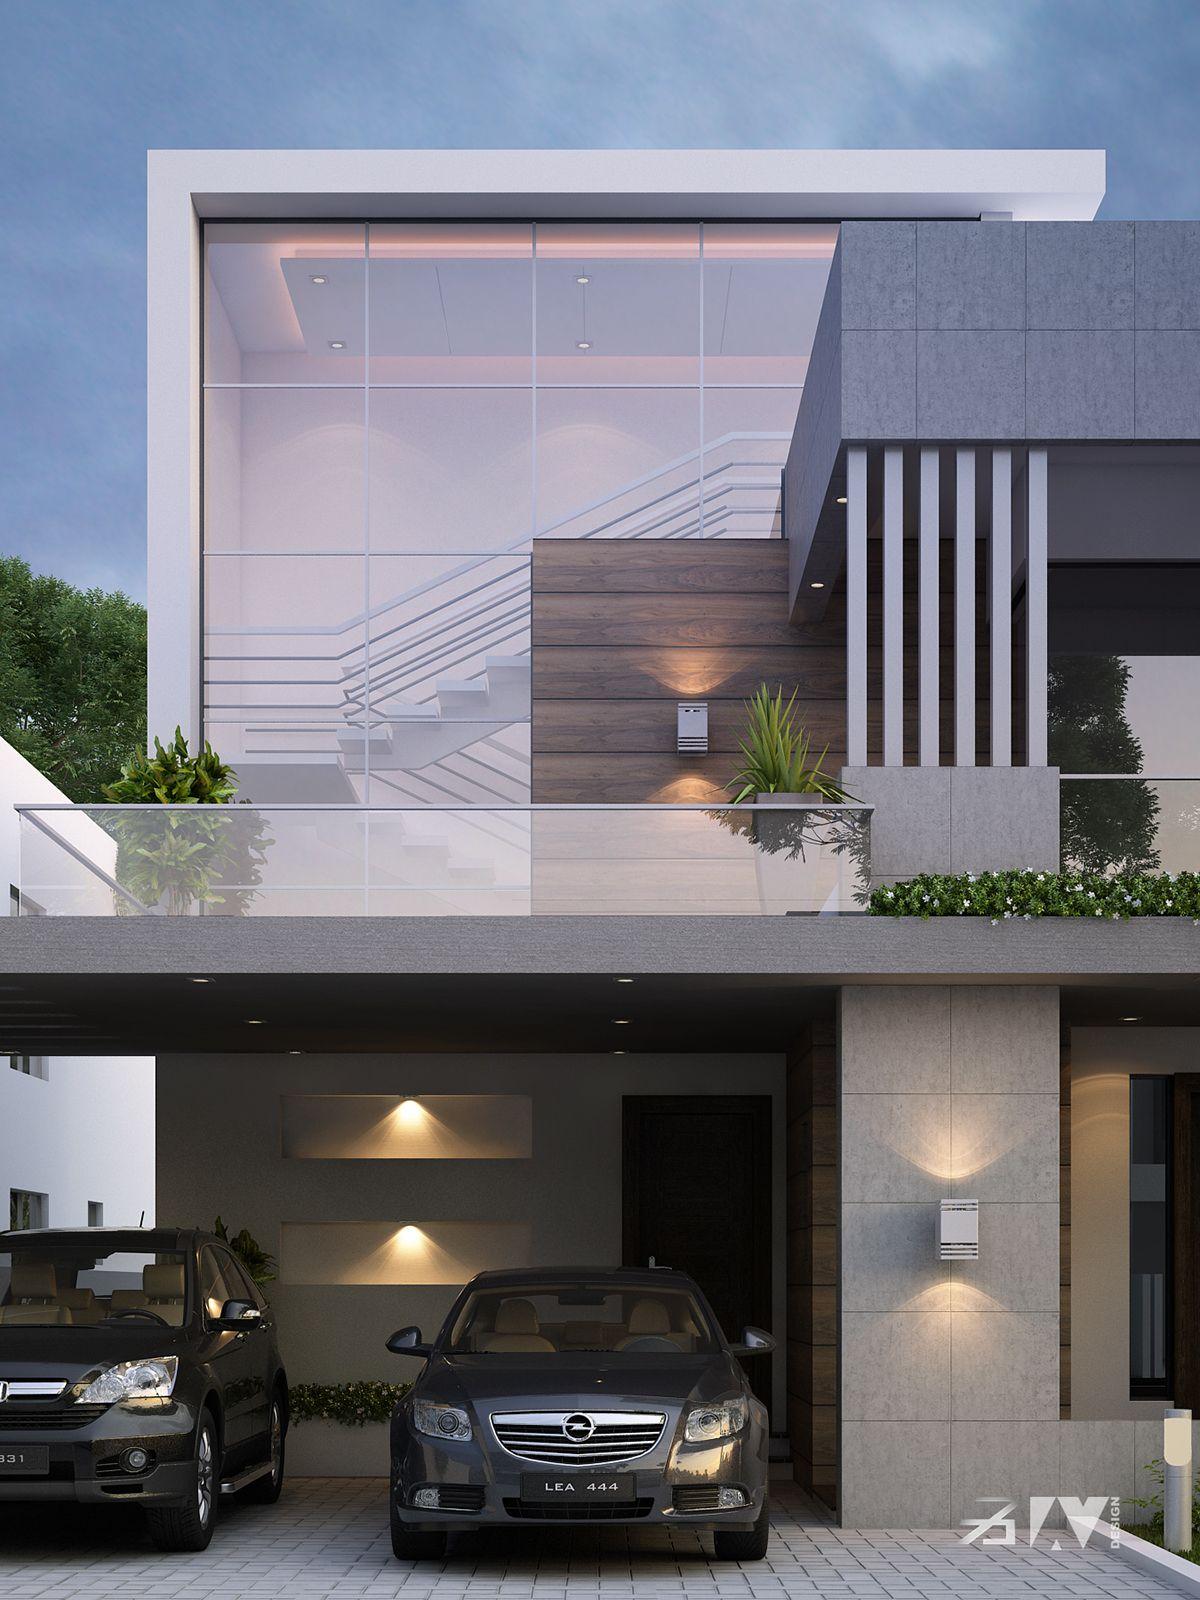 Arquitetura. | .Arquitetura | Pinterest | Architektur, Garage und ...